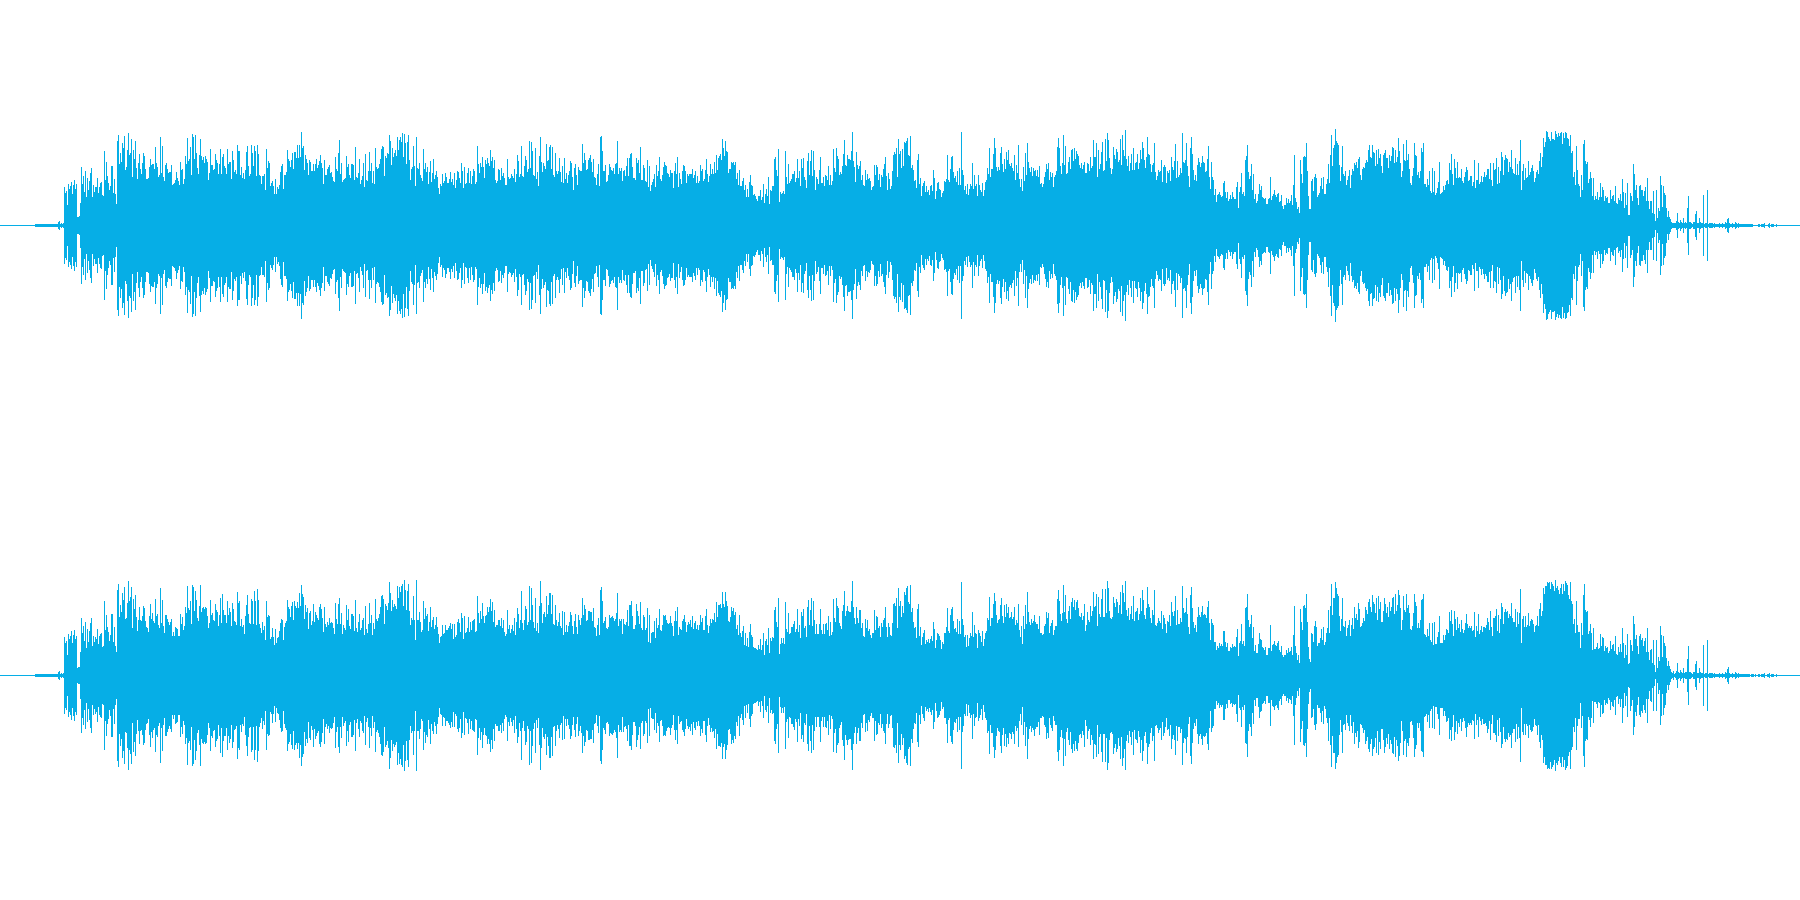 スケボー走る時のジャージャーと鳴る音の再生済みの波形